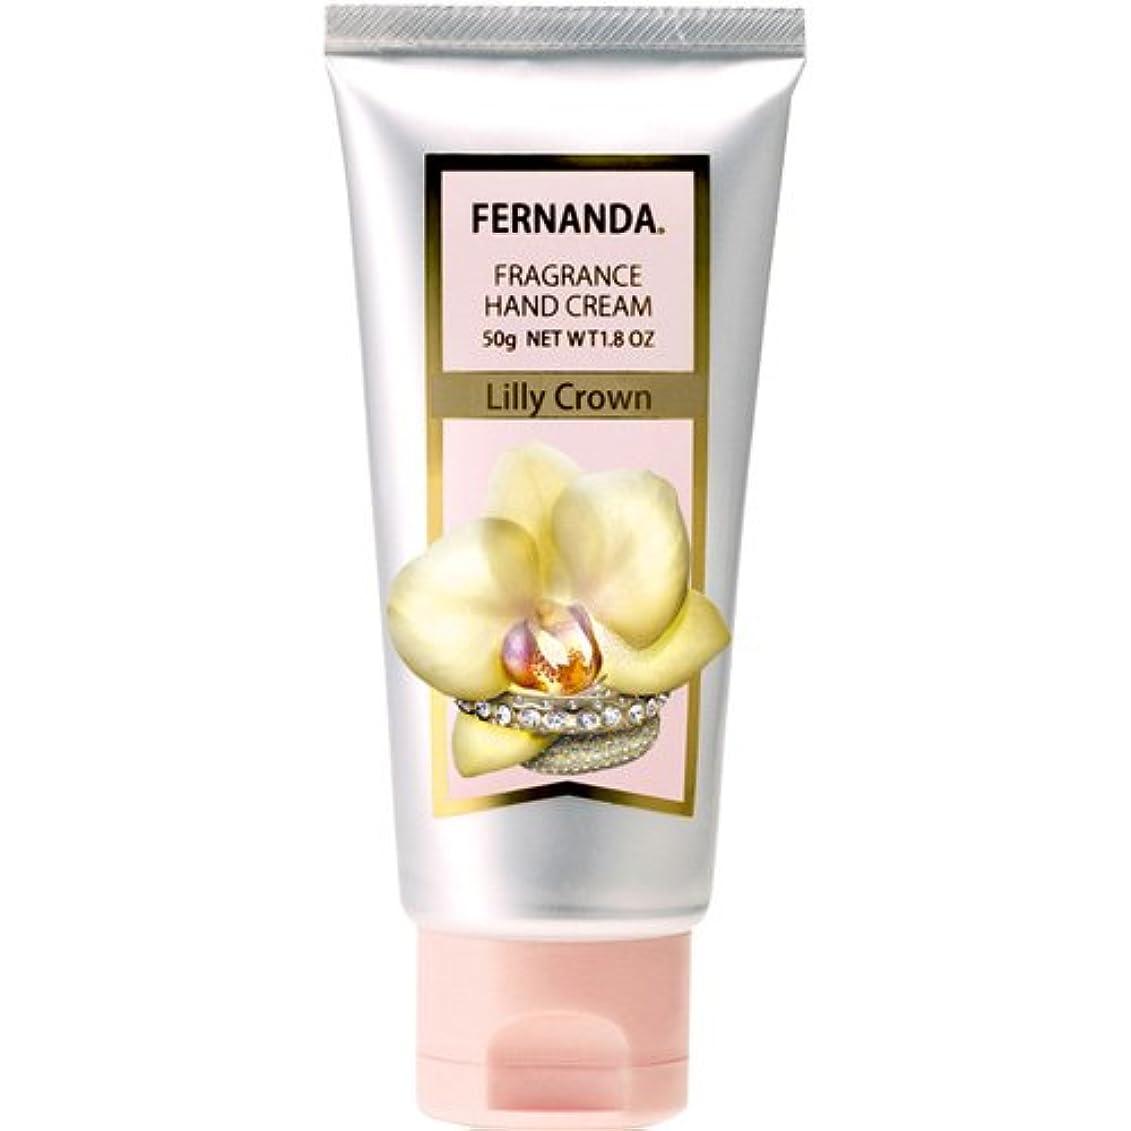 タクシー車両動かすFERNANDA(フェルナンダ) Hand Cream Lilly Crown (ハンドクリーム リリークラウン)